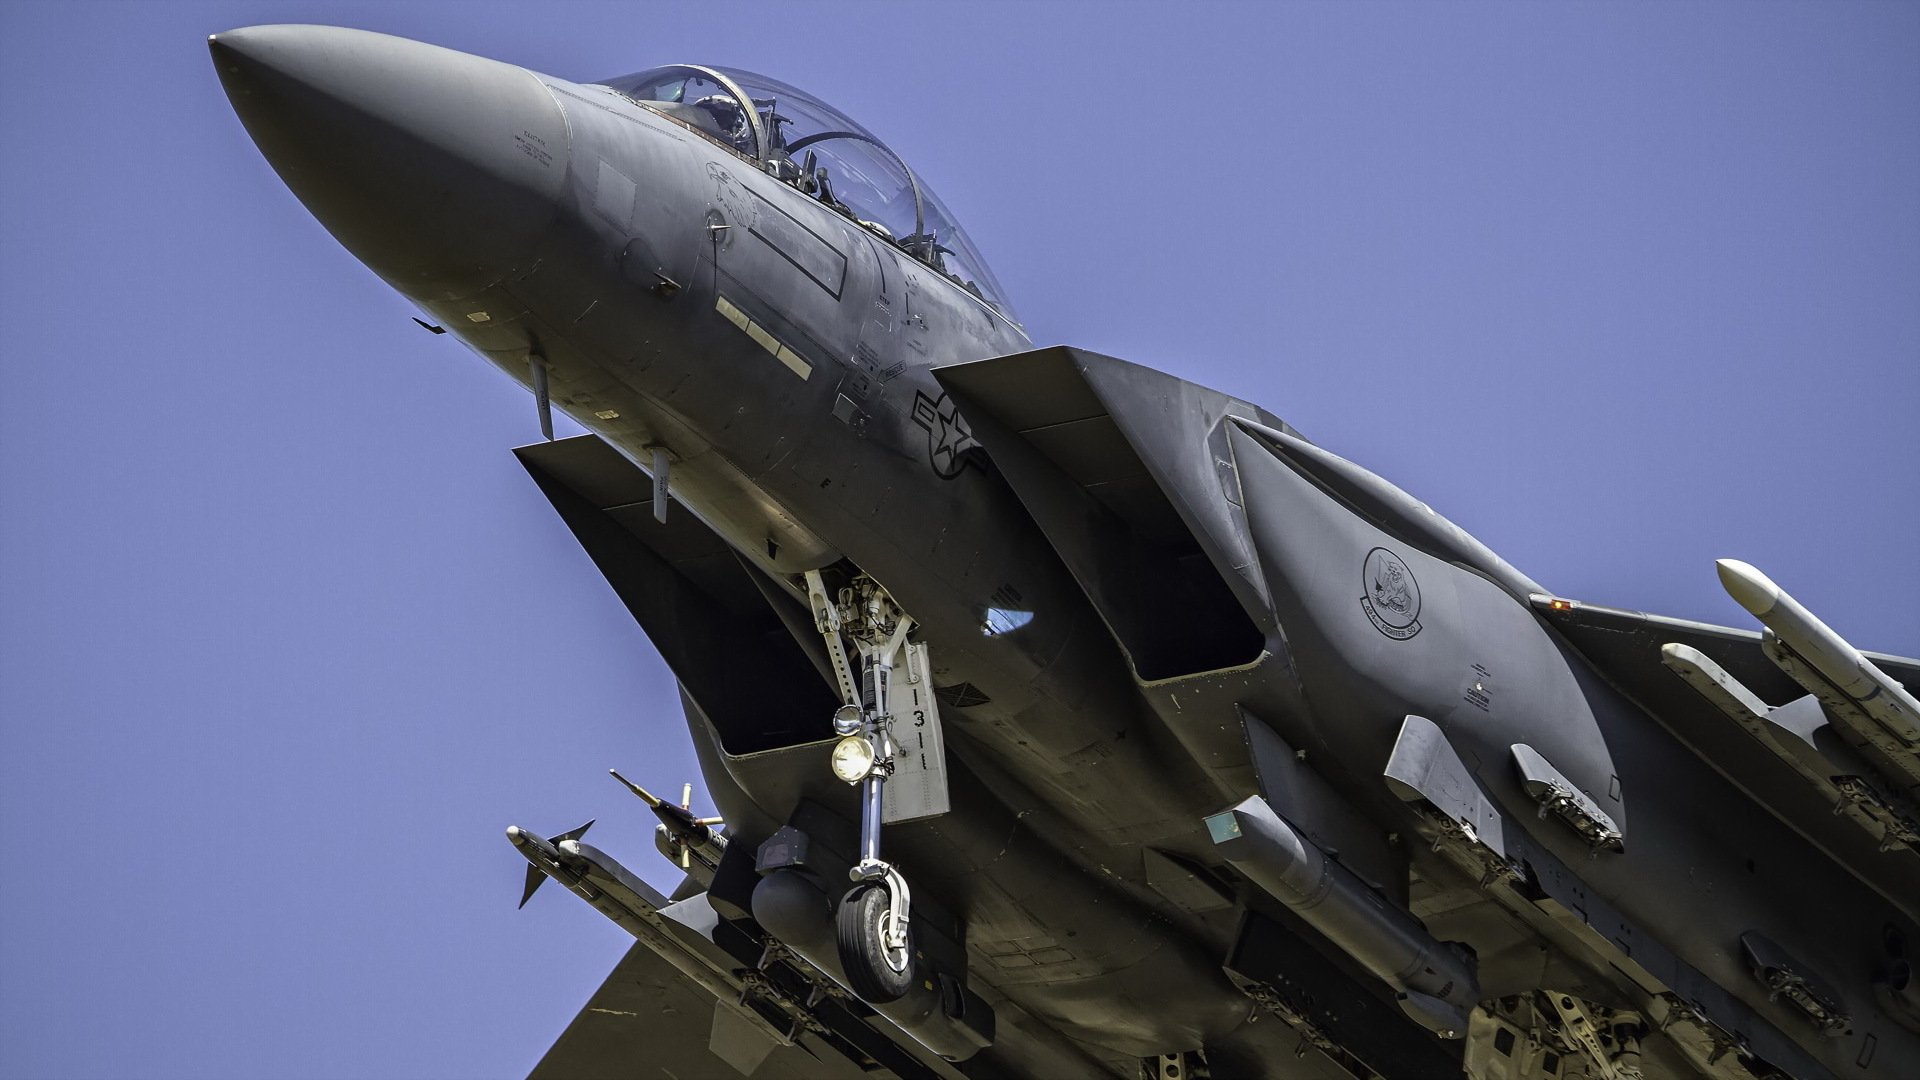 Обои вертикальный предел, F15 strike eagle, истребитель, высота. Авиация foto 9